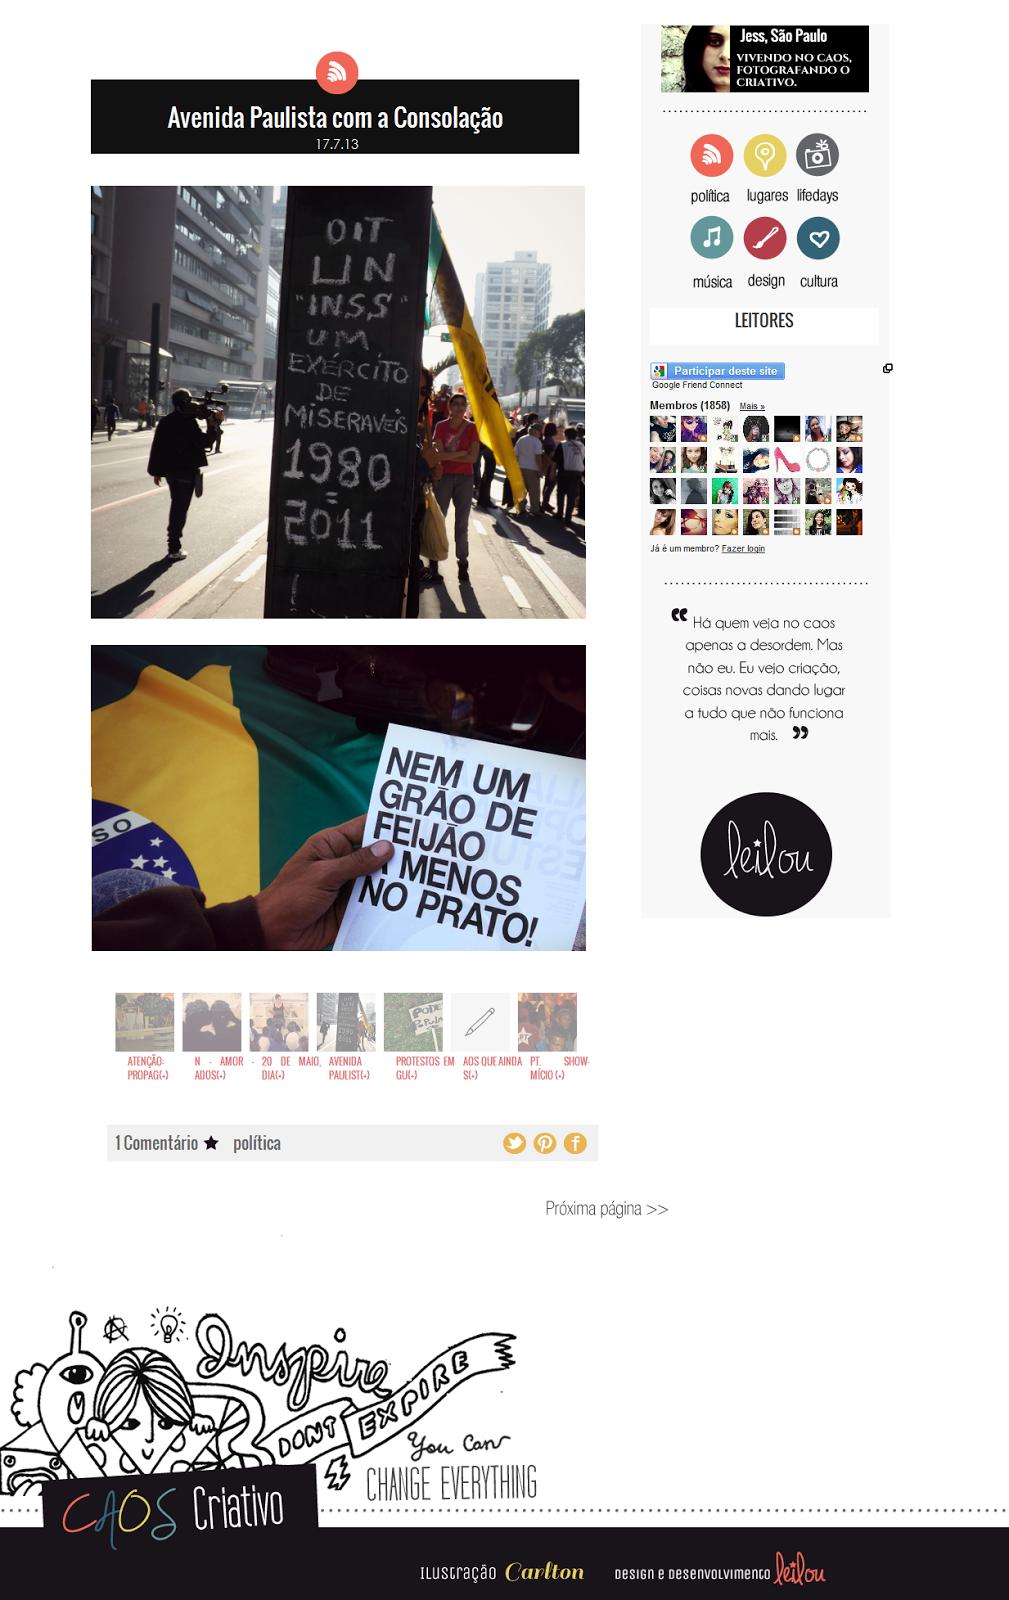 Leilou Design: Criativo caos